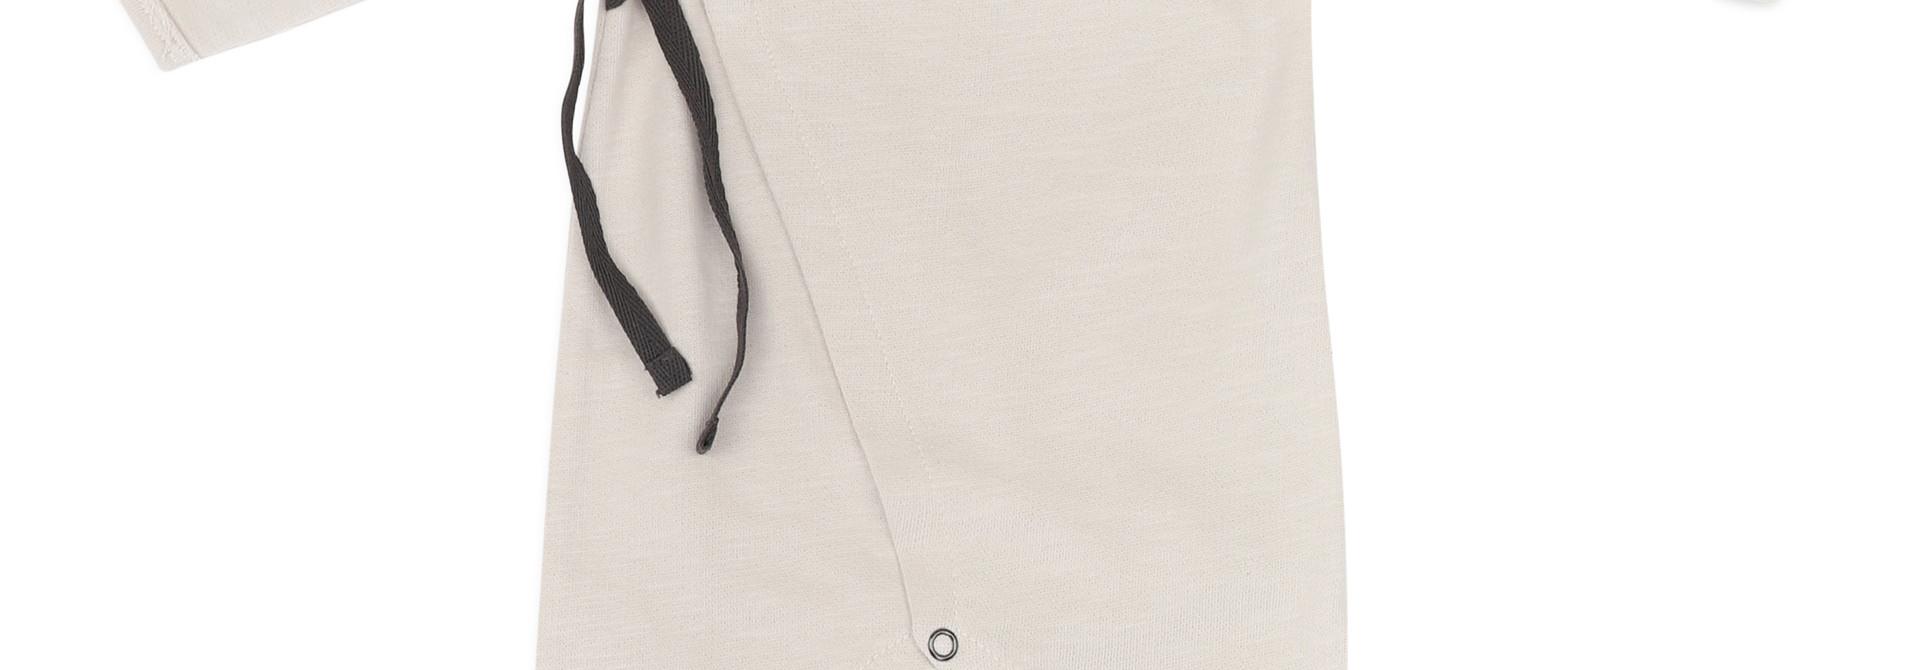 Cross-over newborn suit - Oatmeal